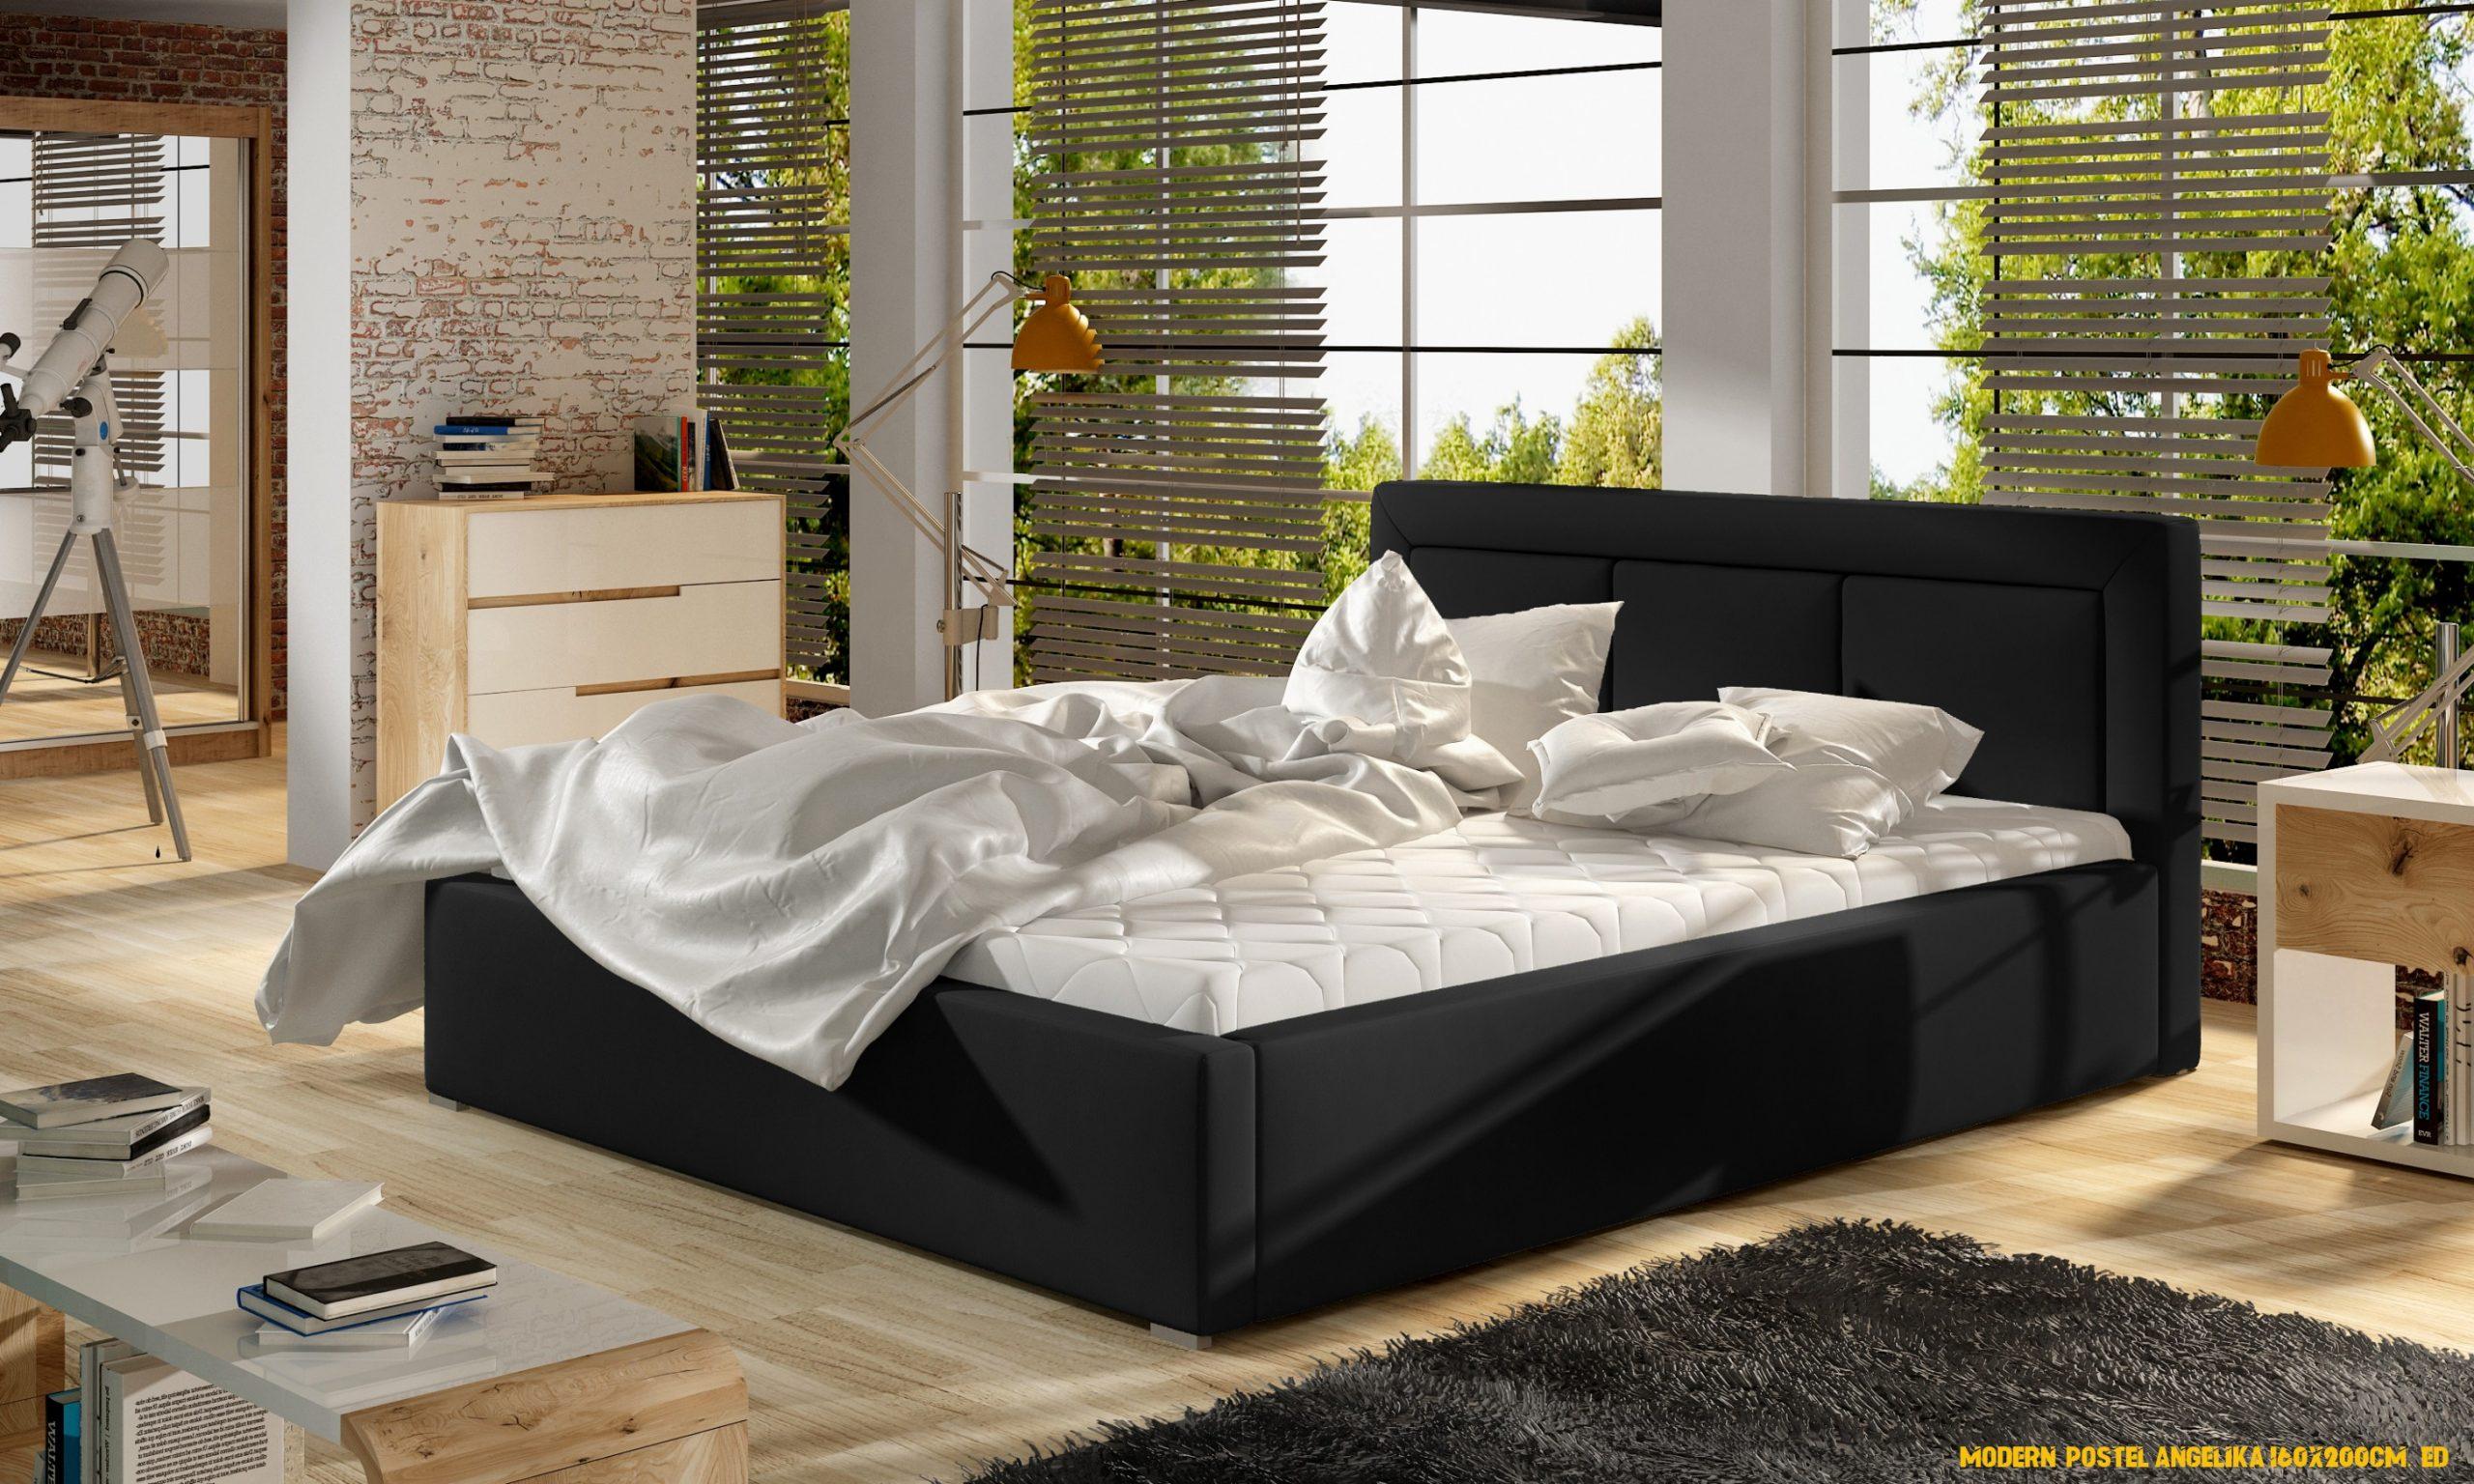 Moderni postel levně   Blesk zboží